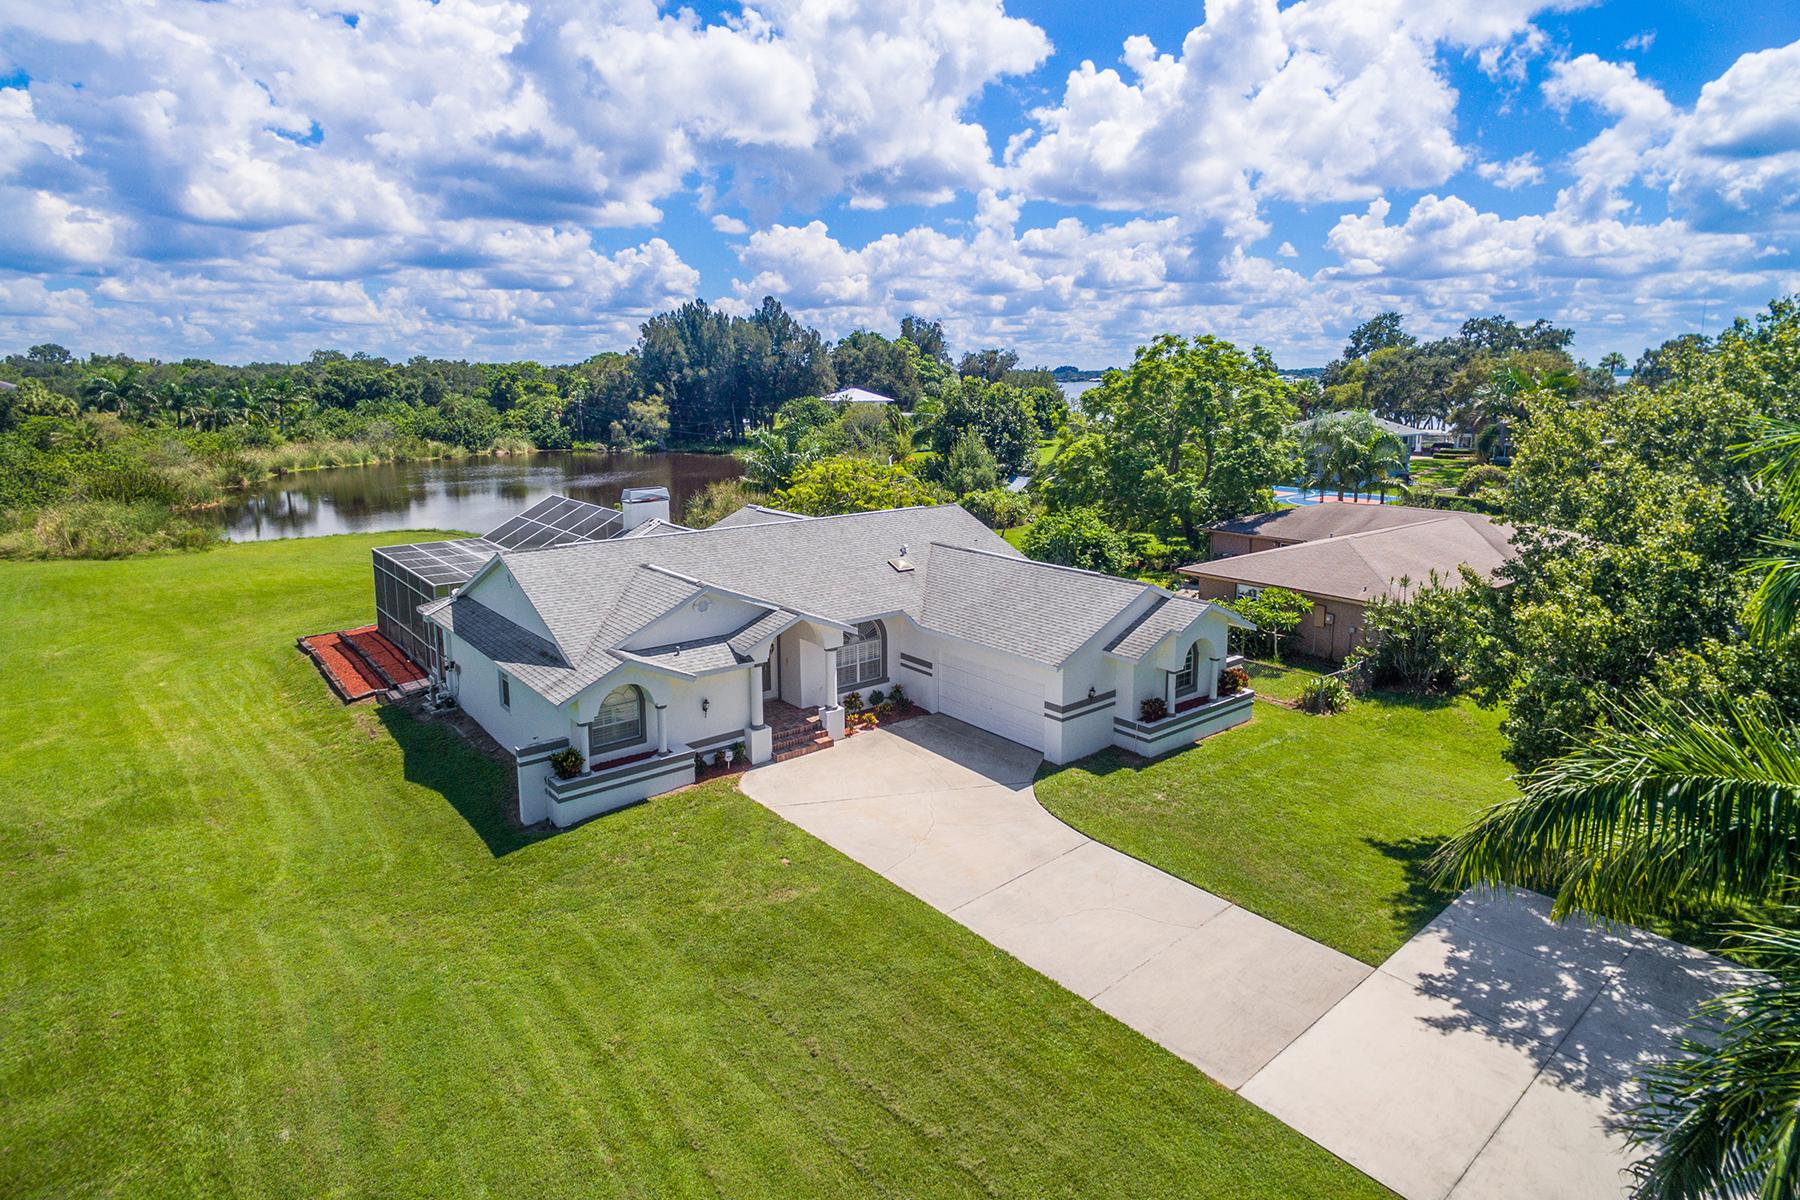 Einfamilienhaus für Verkauf beim TERRA CEIA 1476 Center Rd Terra Ceia, Florida, 34250 Vereinigte Staaten